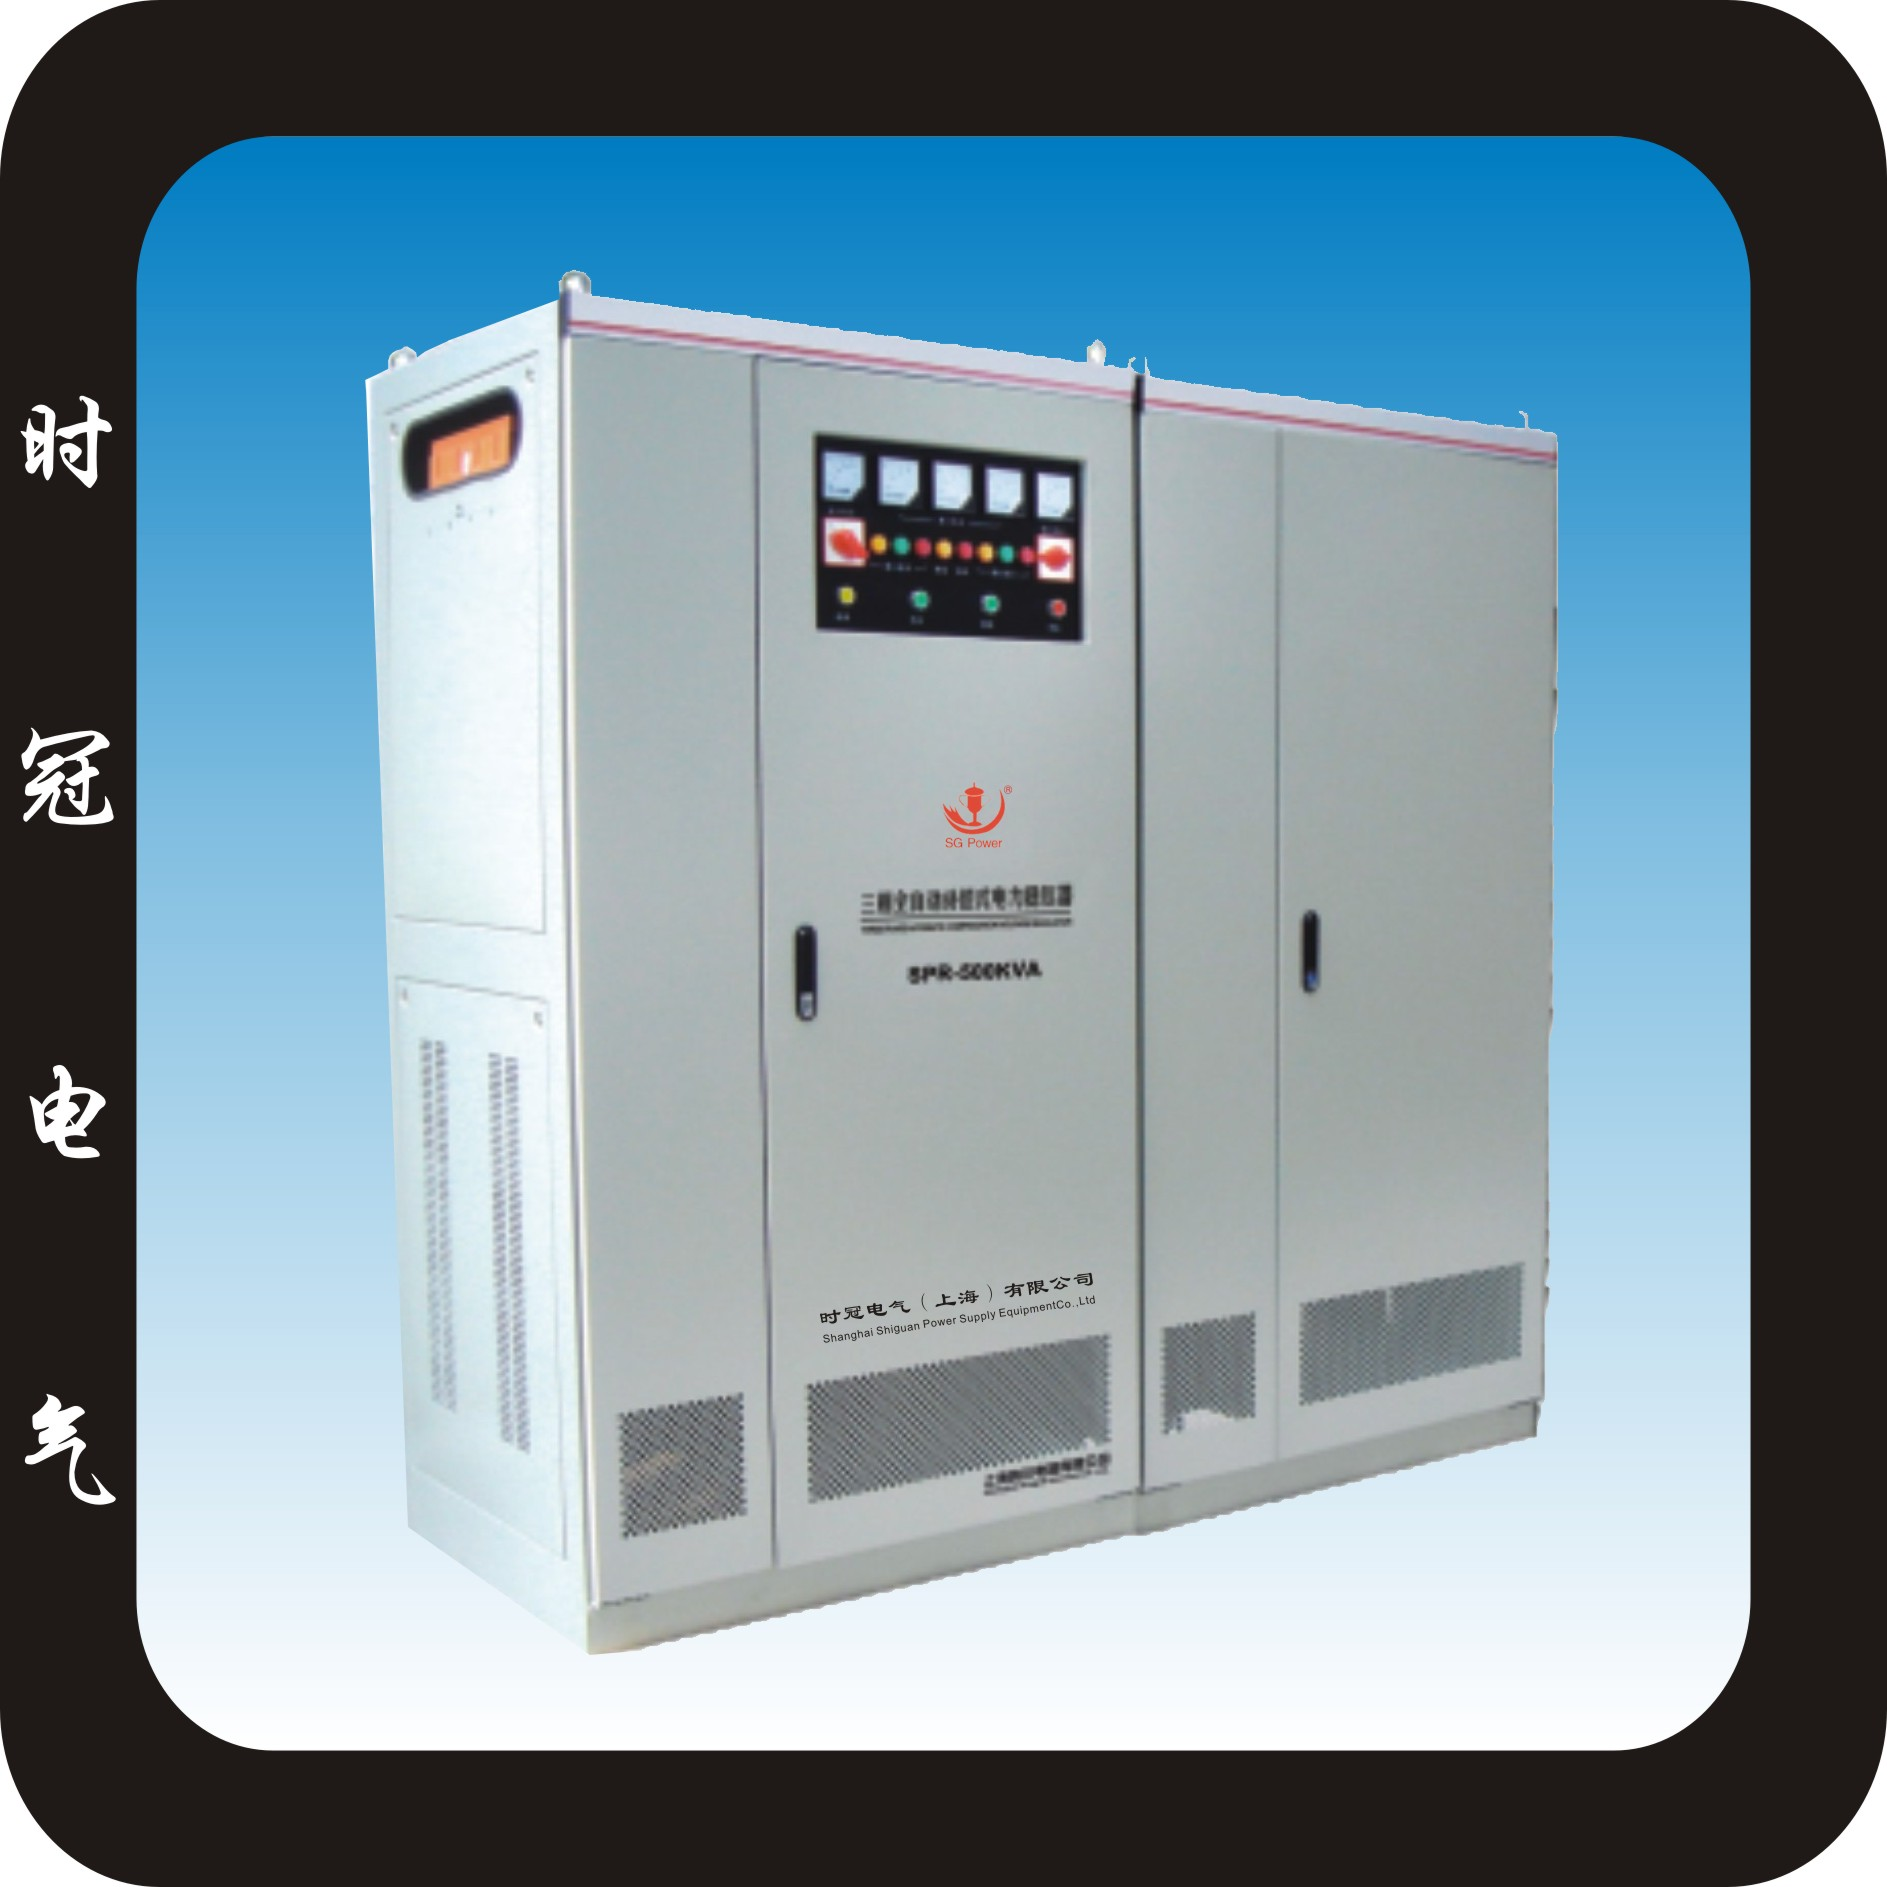 医疗设备专用稳压器